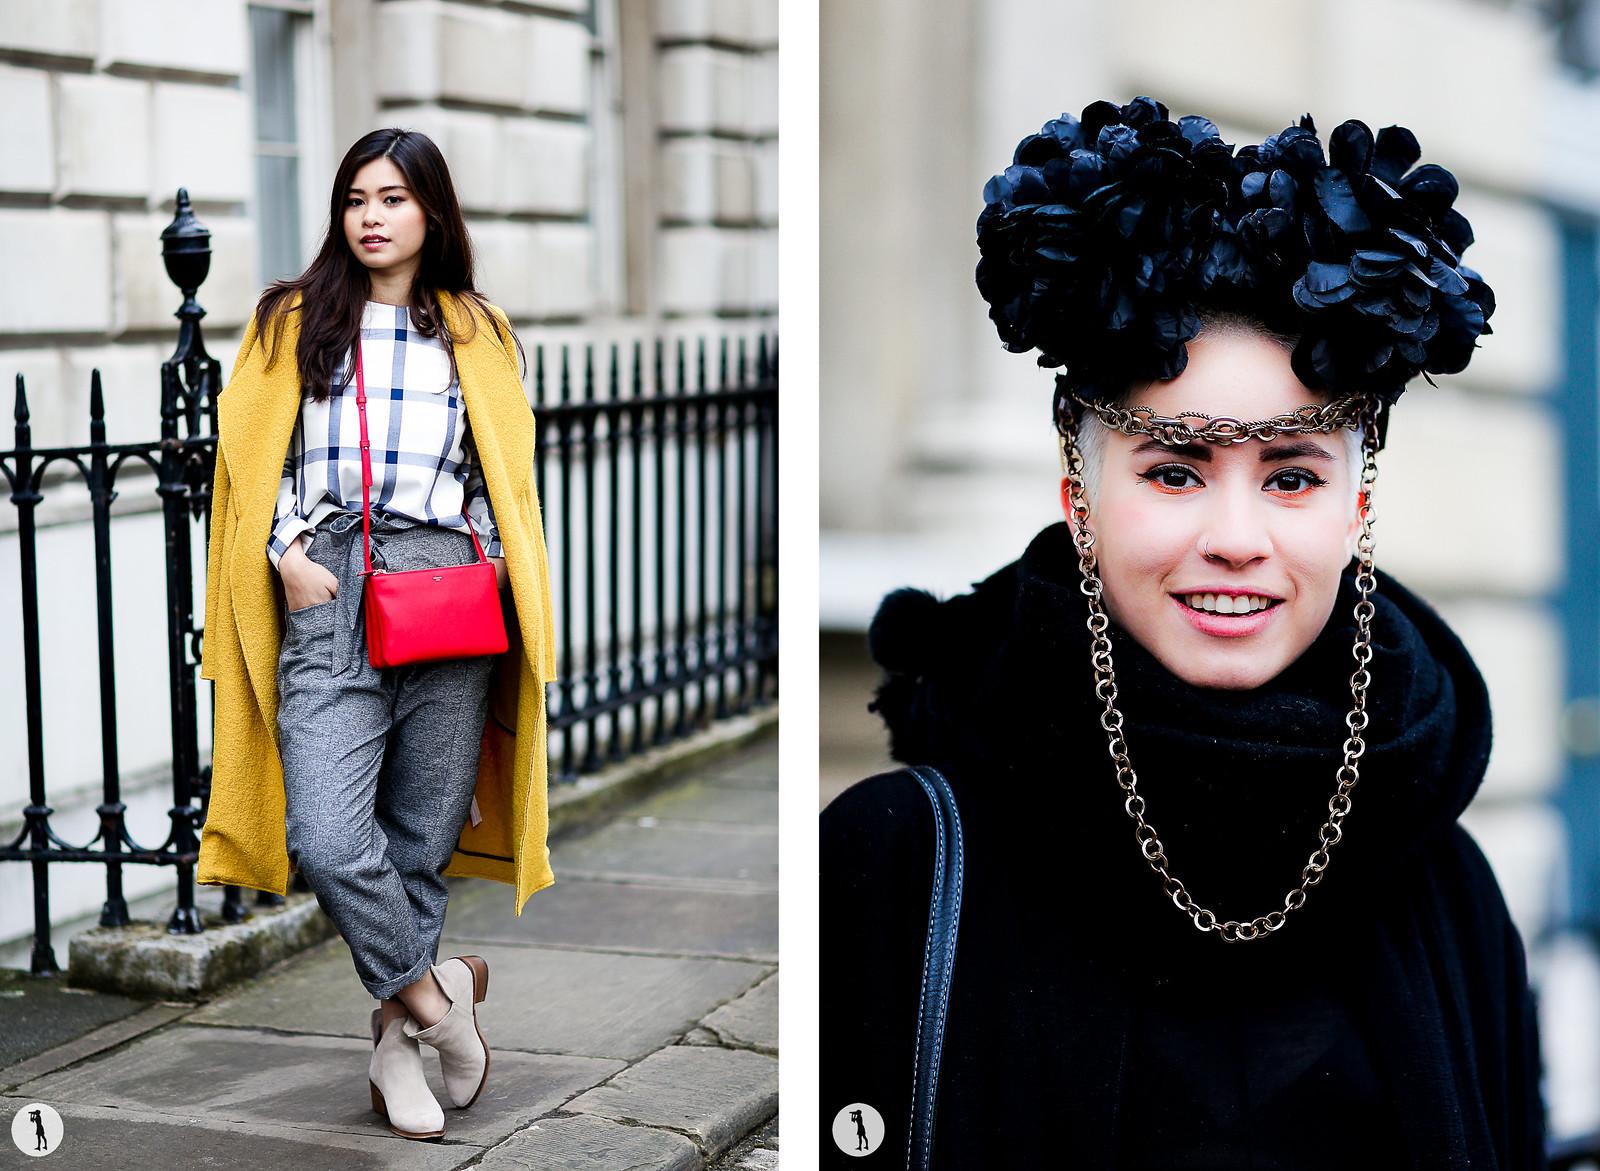 Street style - London Fashion Week RDT FW15-16